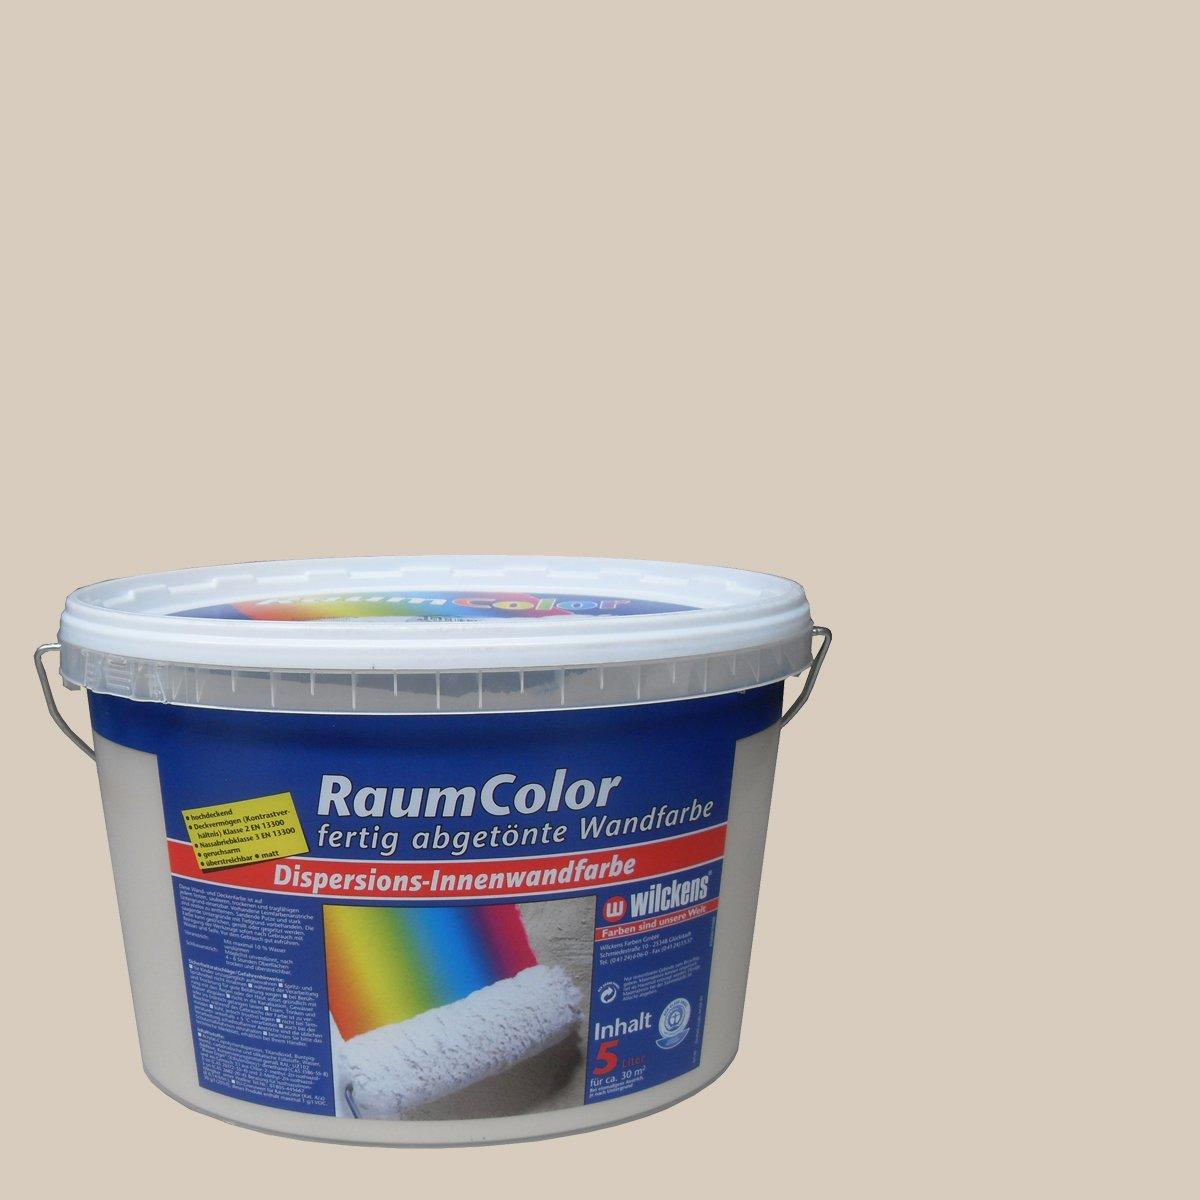 Pfirsich Wandfarbe. Wohnideen Schn Wohnzimmer Design